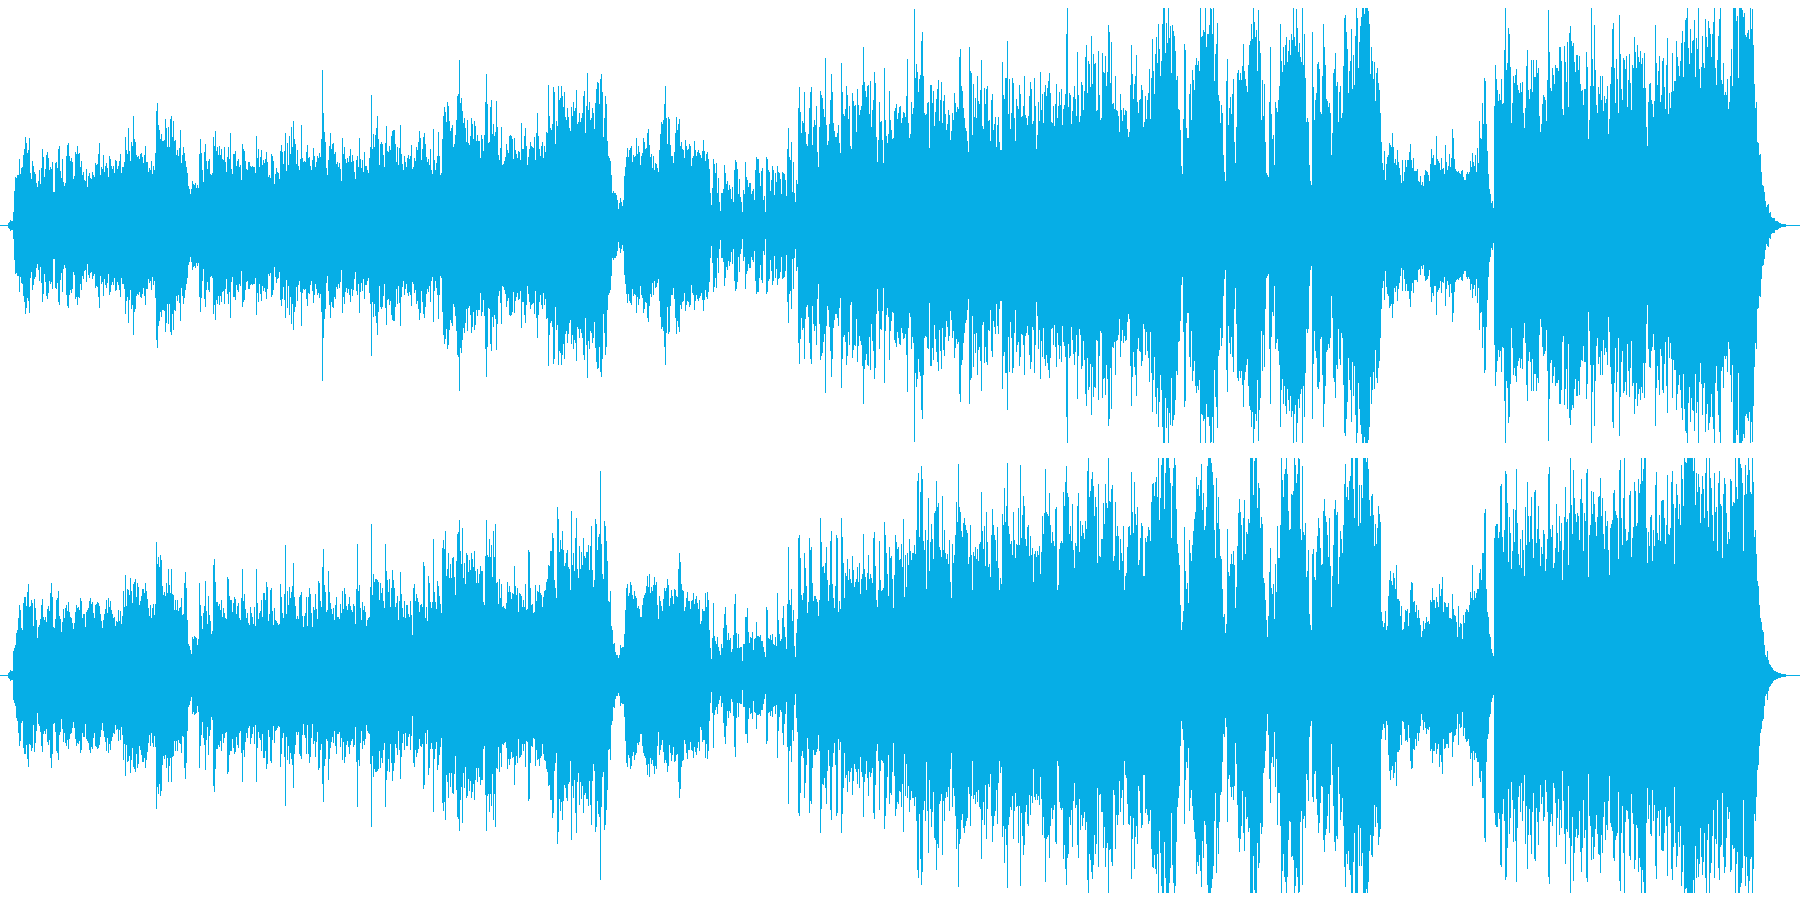 ファンタジー映画のメインタイトル曲の再生済みの波形